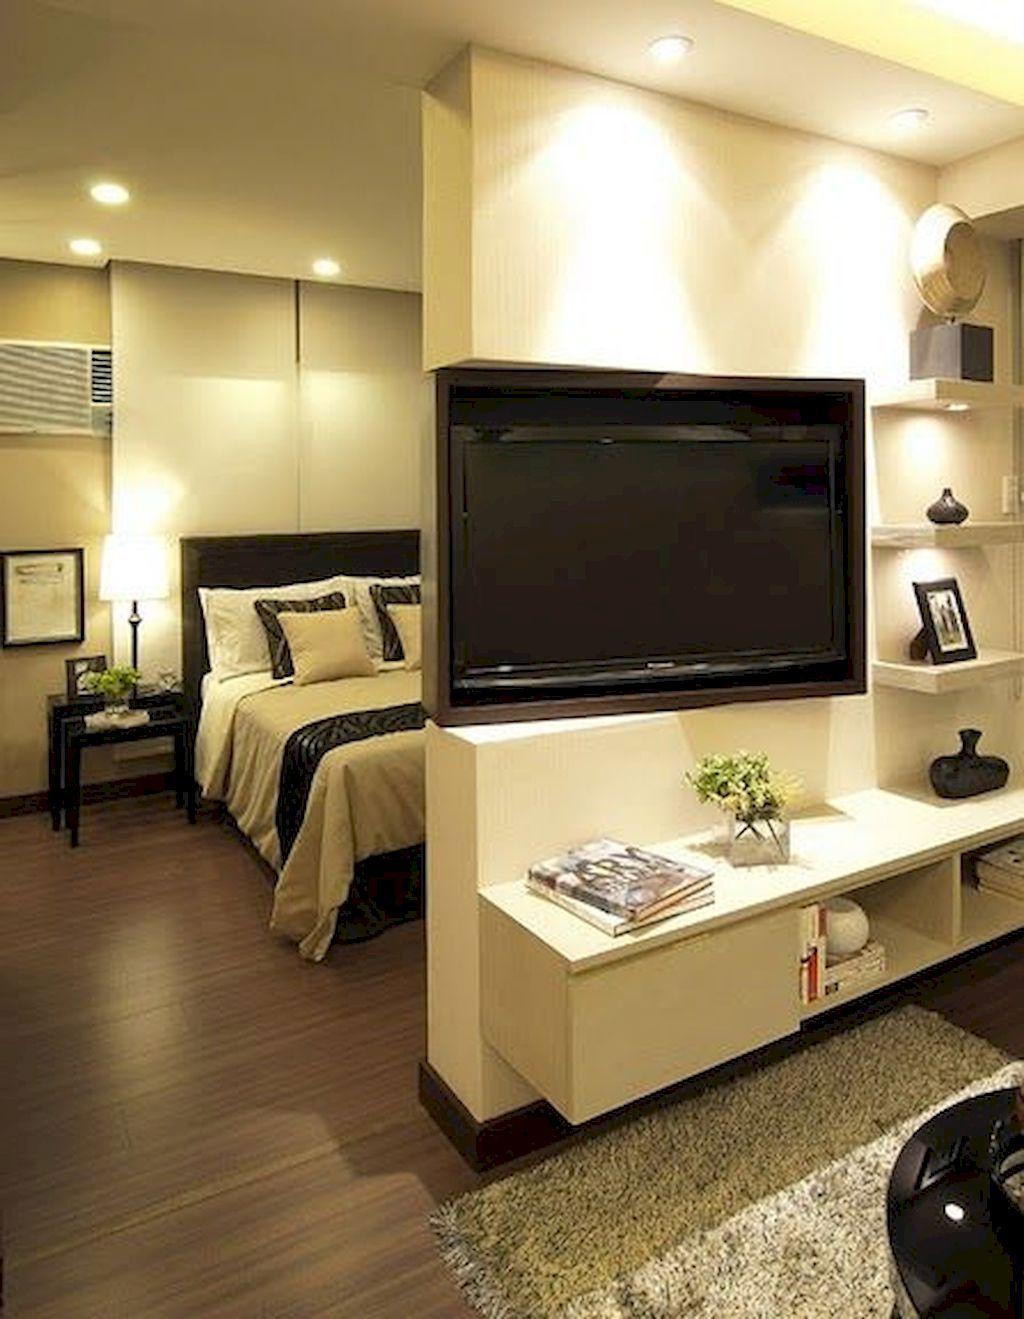 Cool 101 Studio Apartment Decorating Design Ideas For Spacious